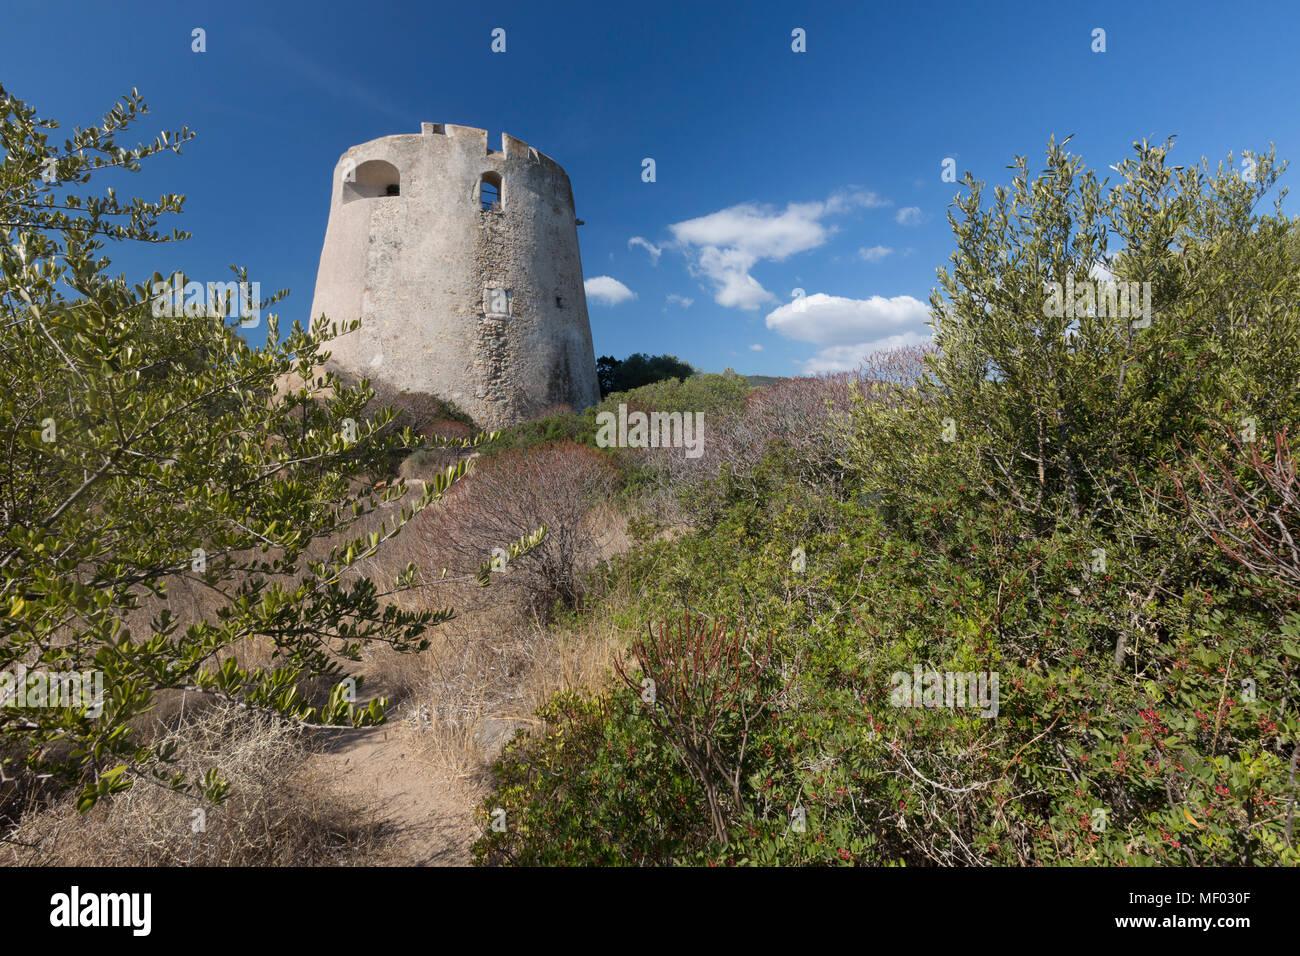 La végétation de l'intérieur des terres la tour entoure Cala Pira Castiadas Cagliari Sardaigne Italie Europe Photo Stock